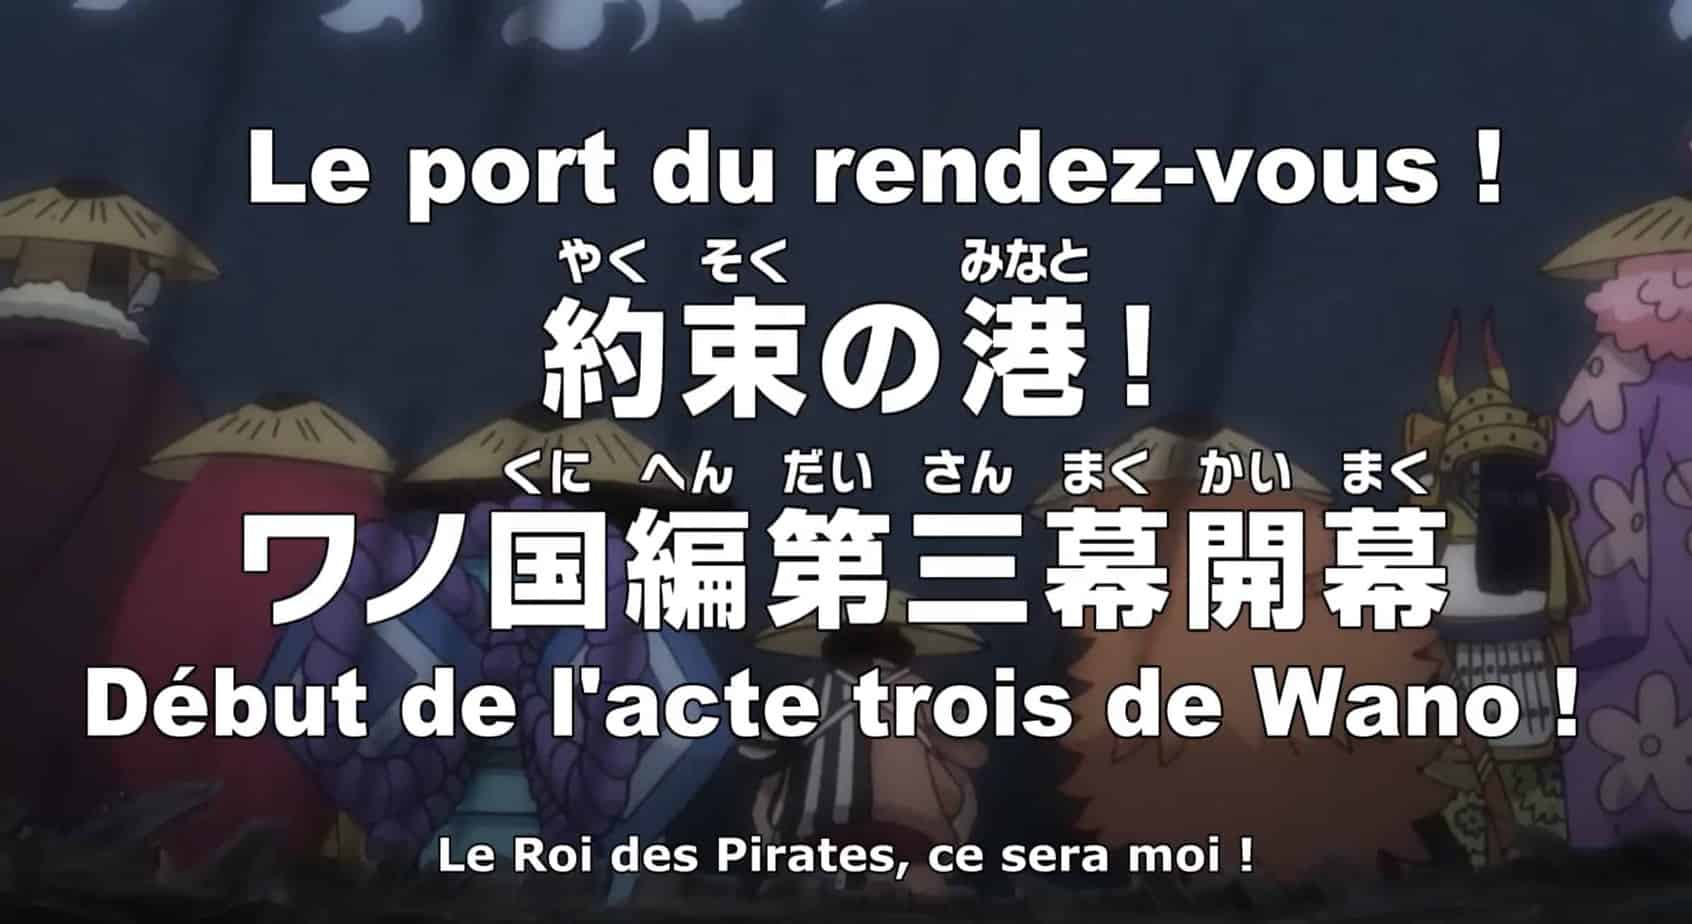 One piece 959 vostfr – Le Port du rendez-vous ! Début de l'acte trois de Wano